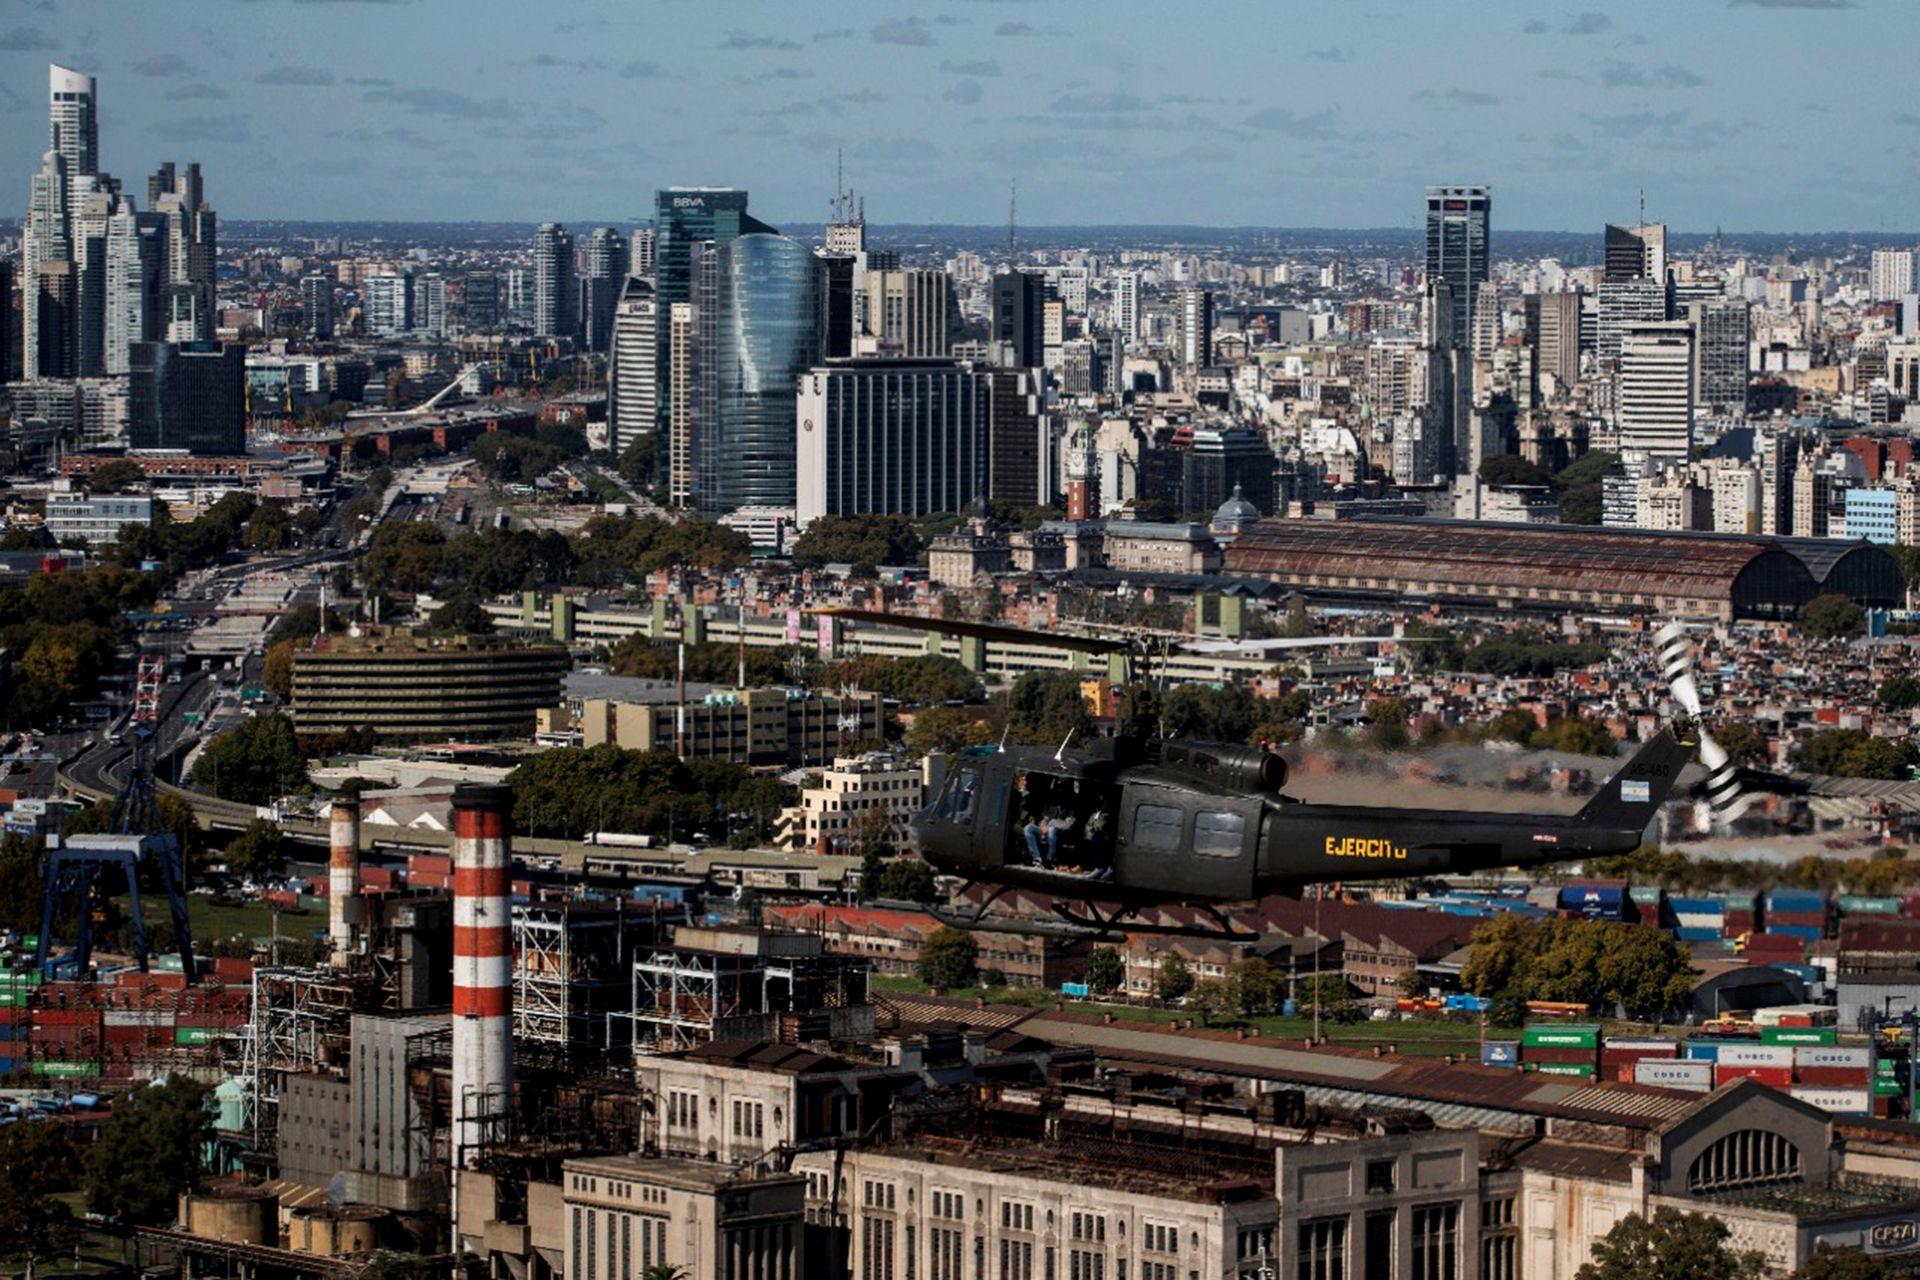 Vuelo en helicóptero del Ejército sobre la ciudad de Buenos Aires